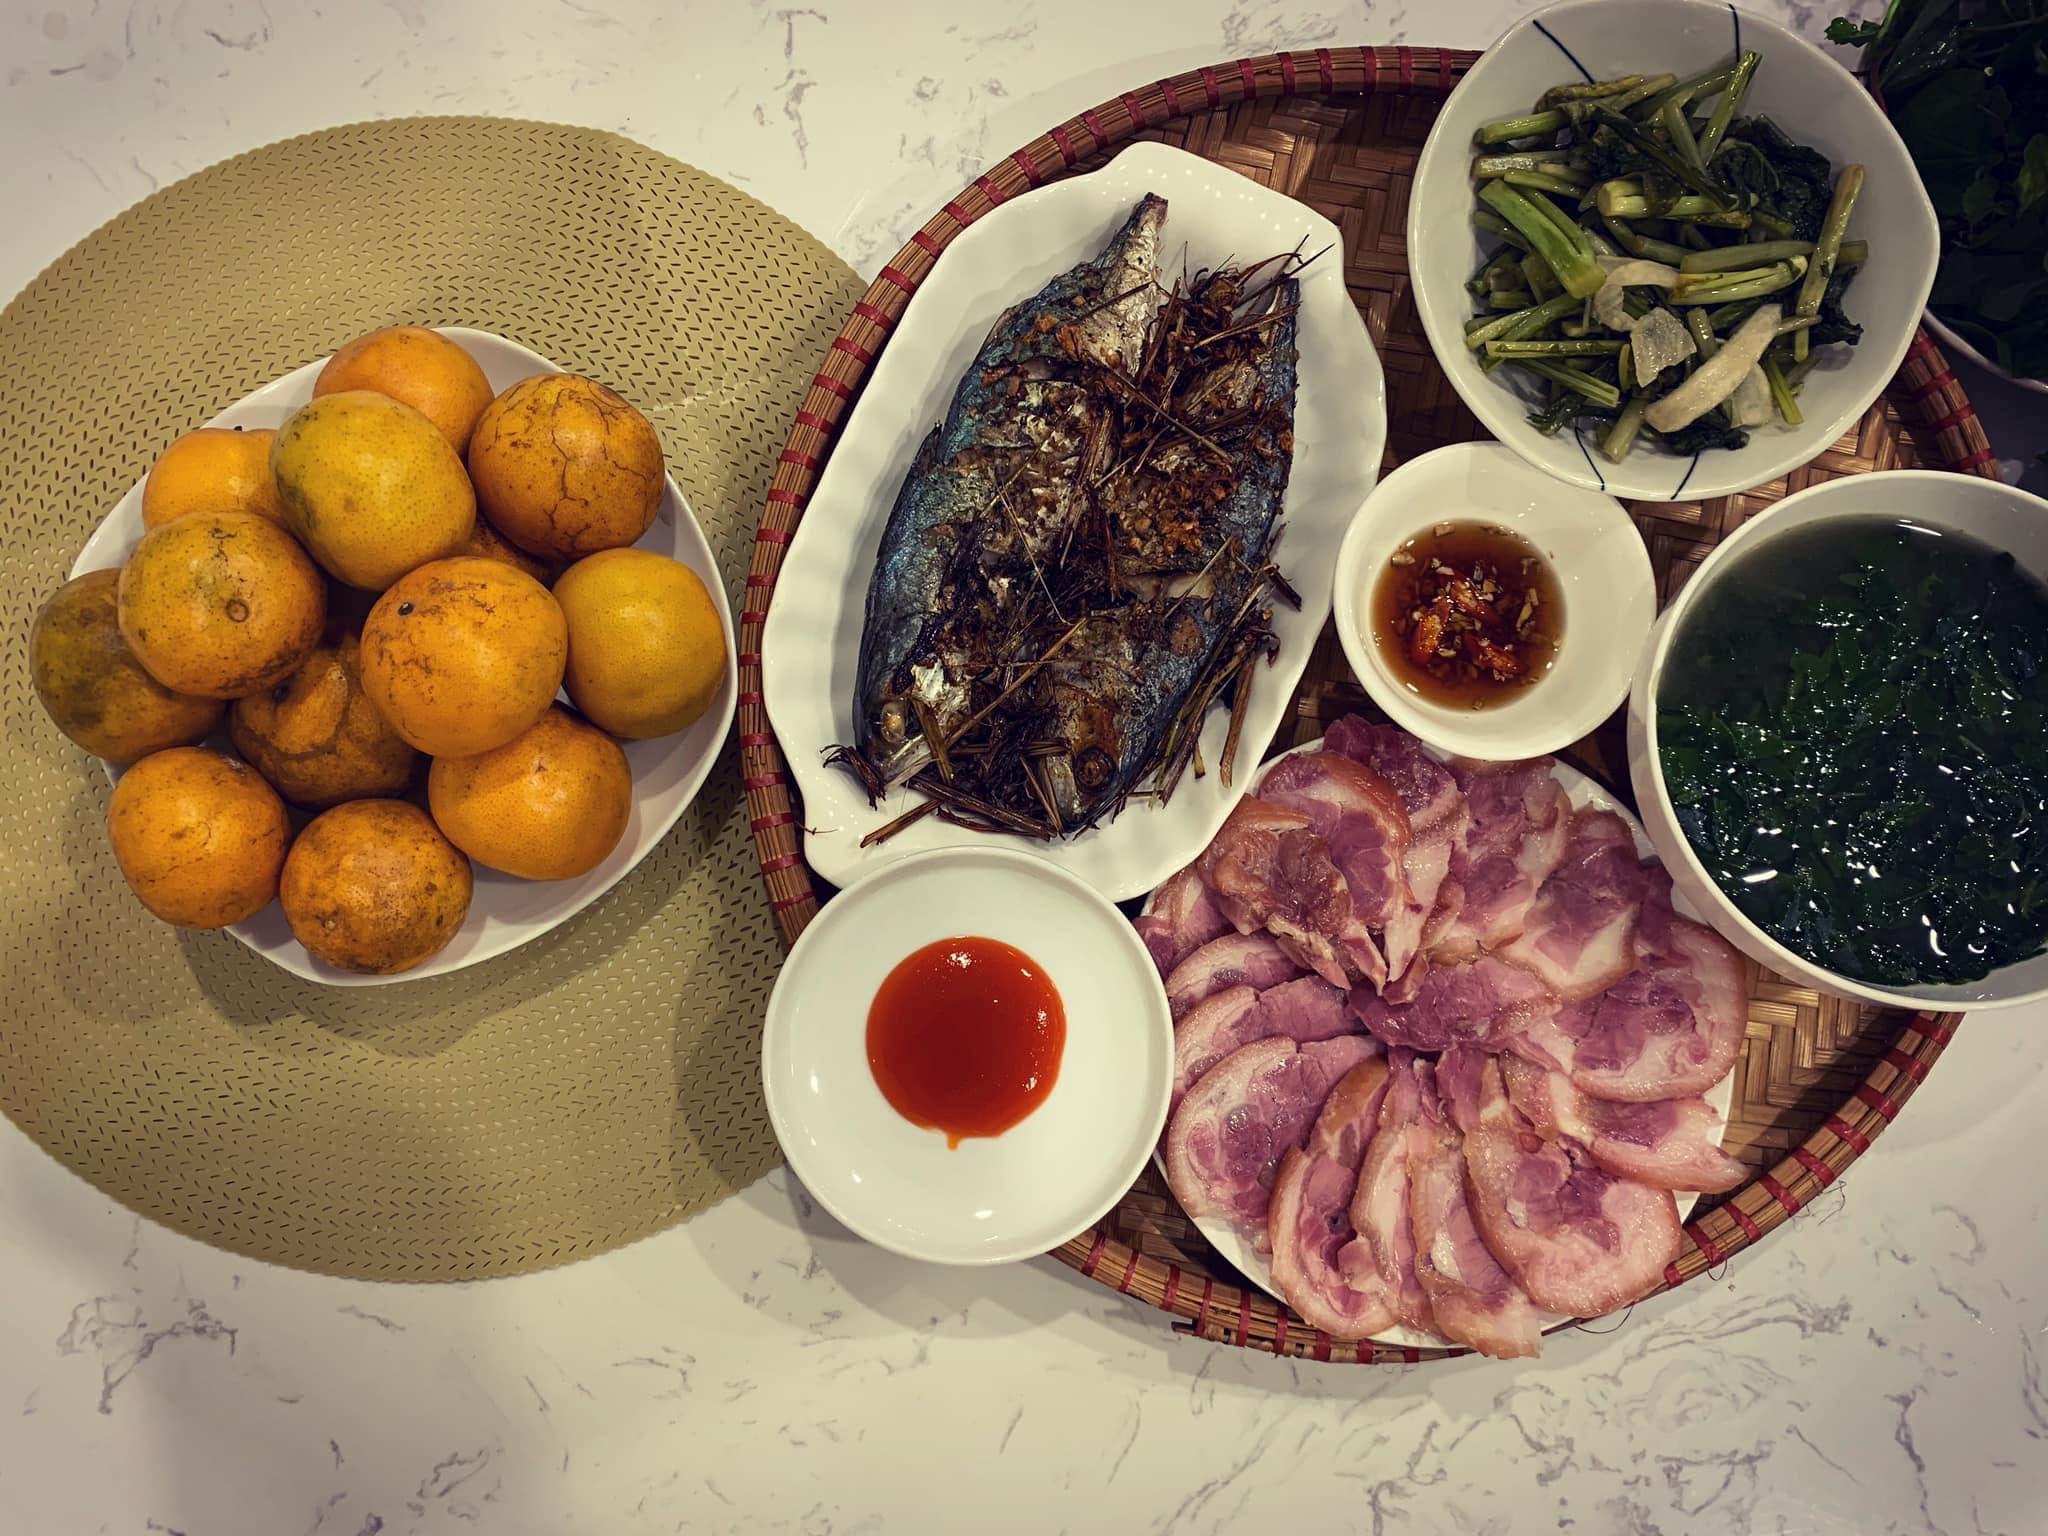 Chi phí chỉ từ 100k nhưng mỗi bữa cơm của bà nội trợ Hà Nội đều tươm tất đủ món thơm ngon, bổ dưỡng cho mọi thành viên gia đình - Ảnh 17.